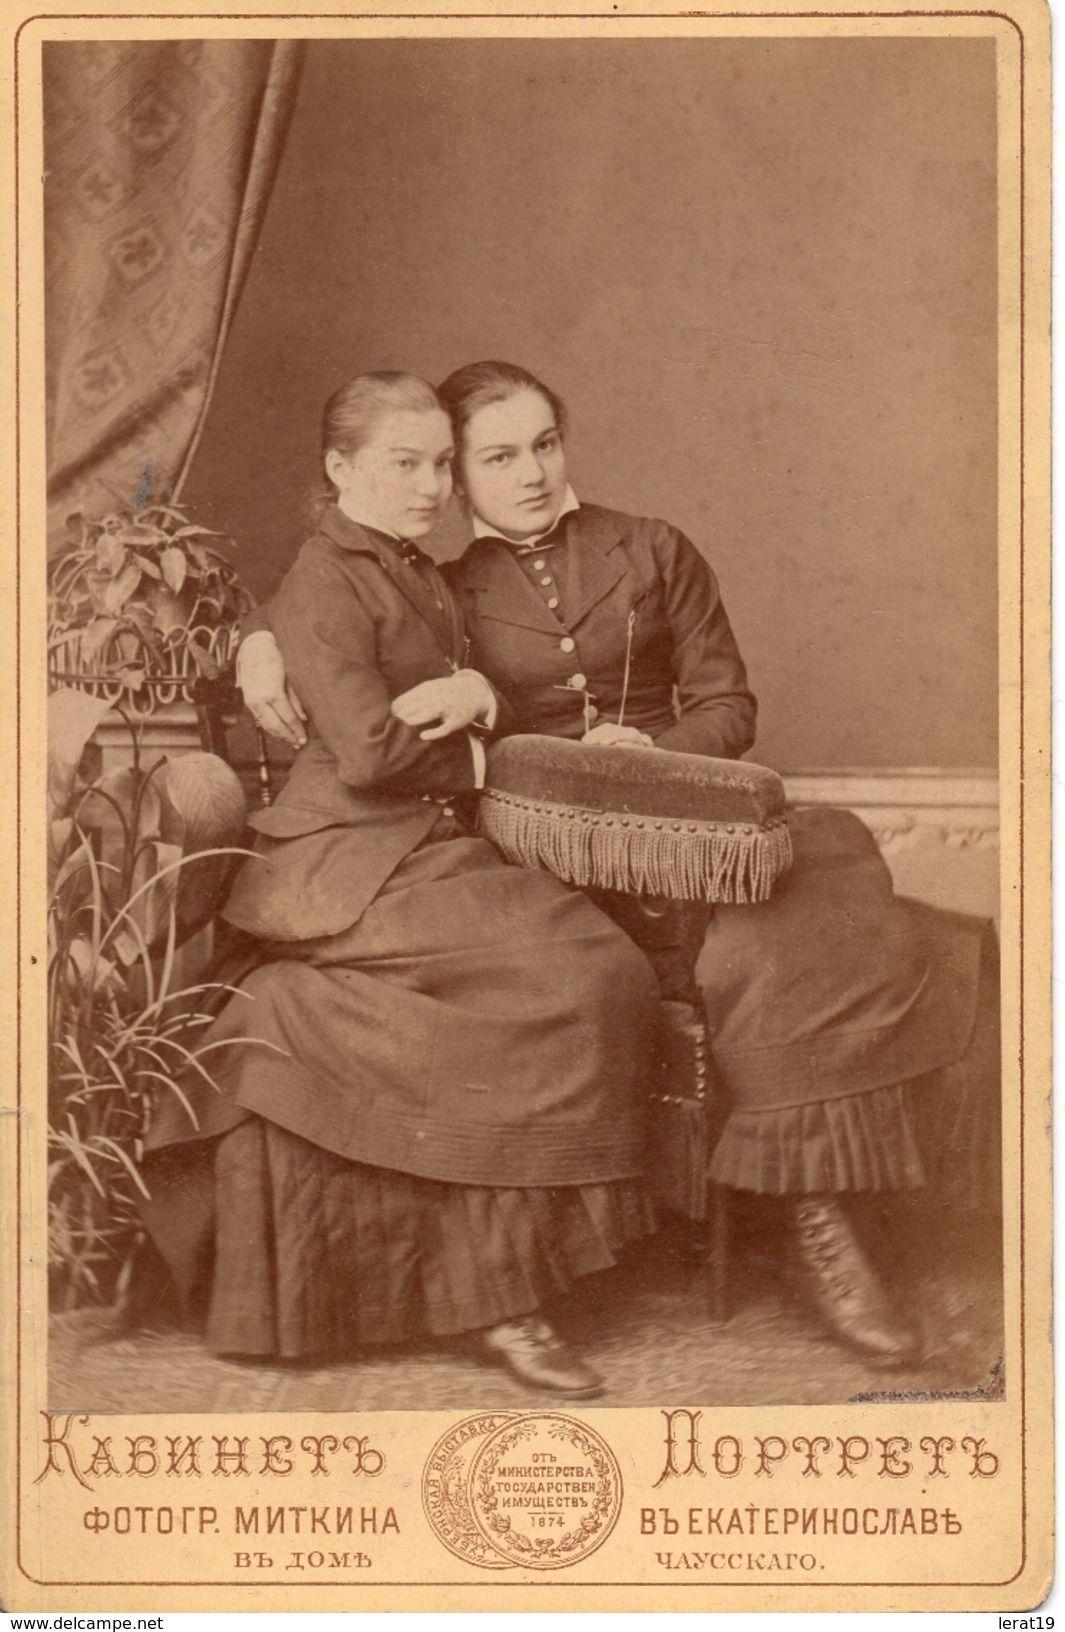 Olga and Vera Alexeieff